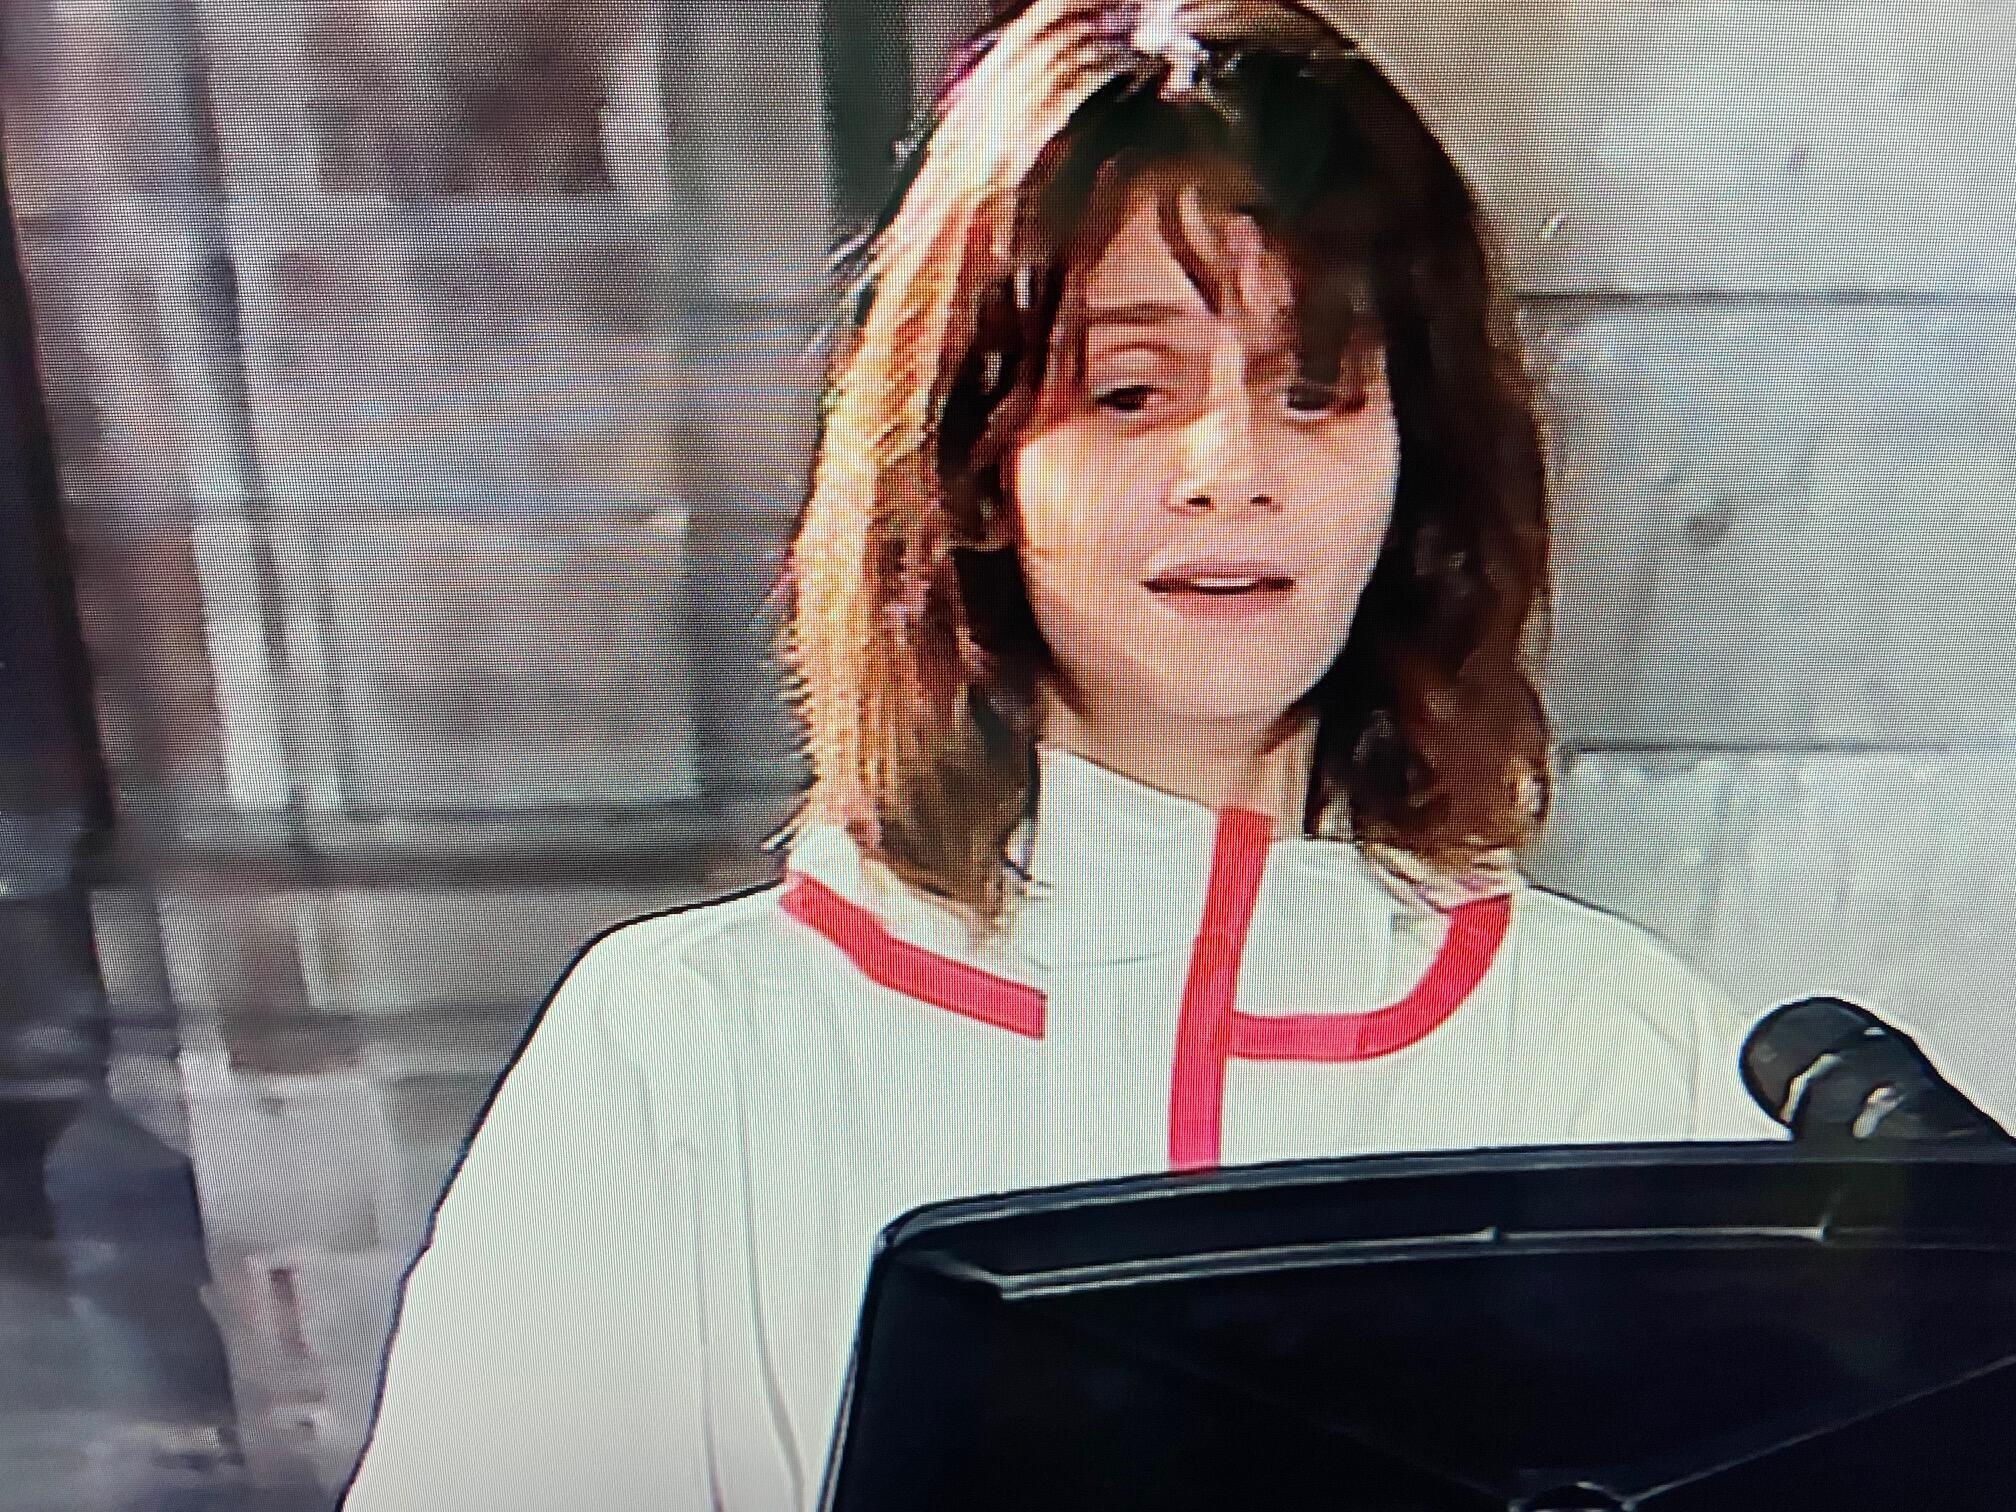 Актриса Жюдит Шемла исполняет Ave Maria в соборе Парижской Богоматери, 10 апреля 2020 г.